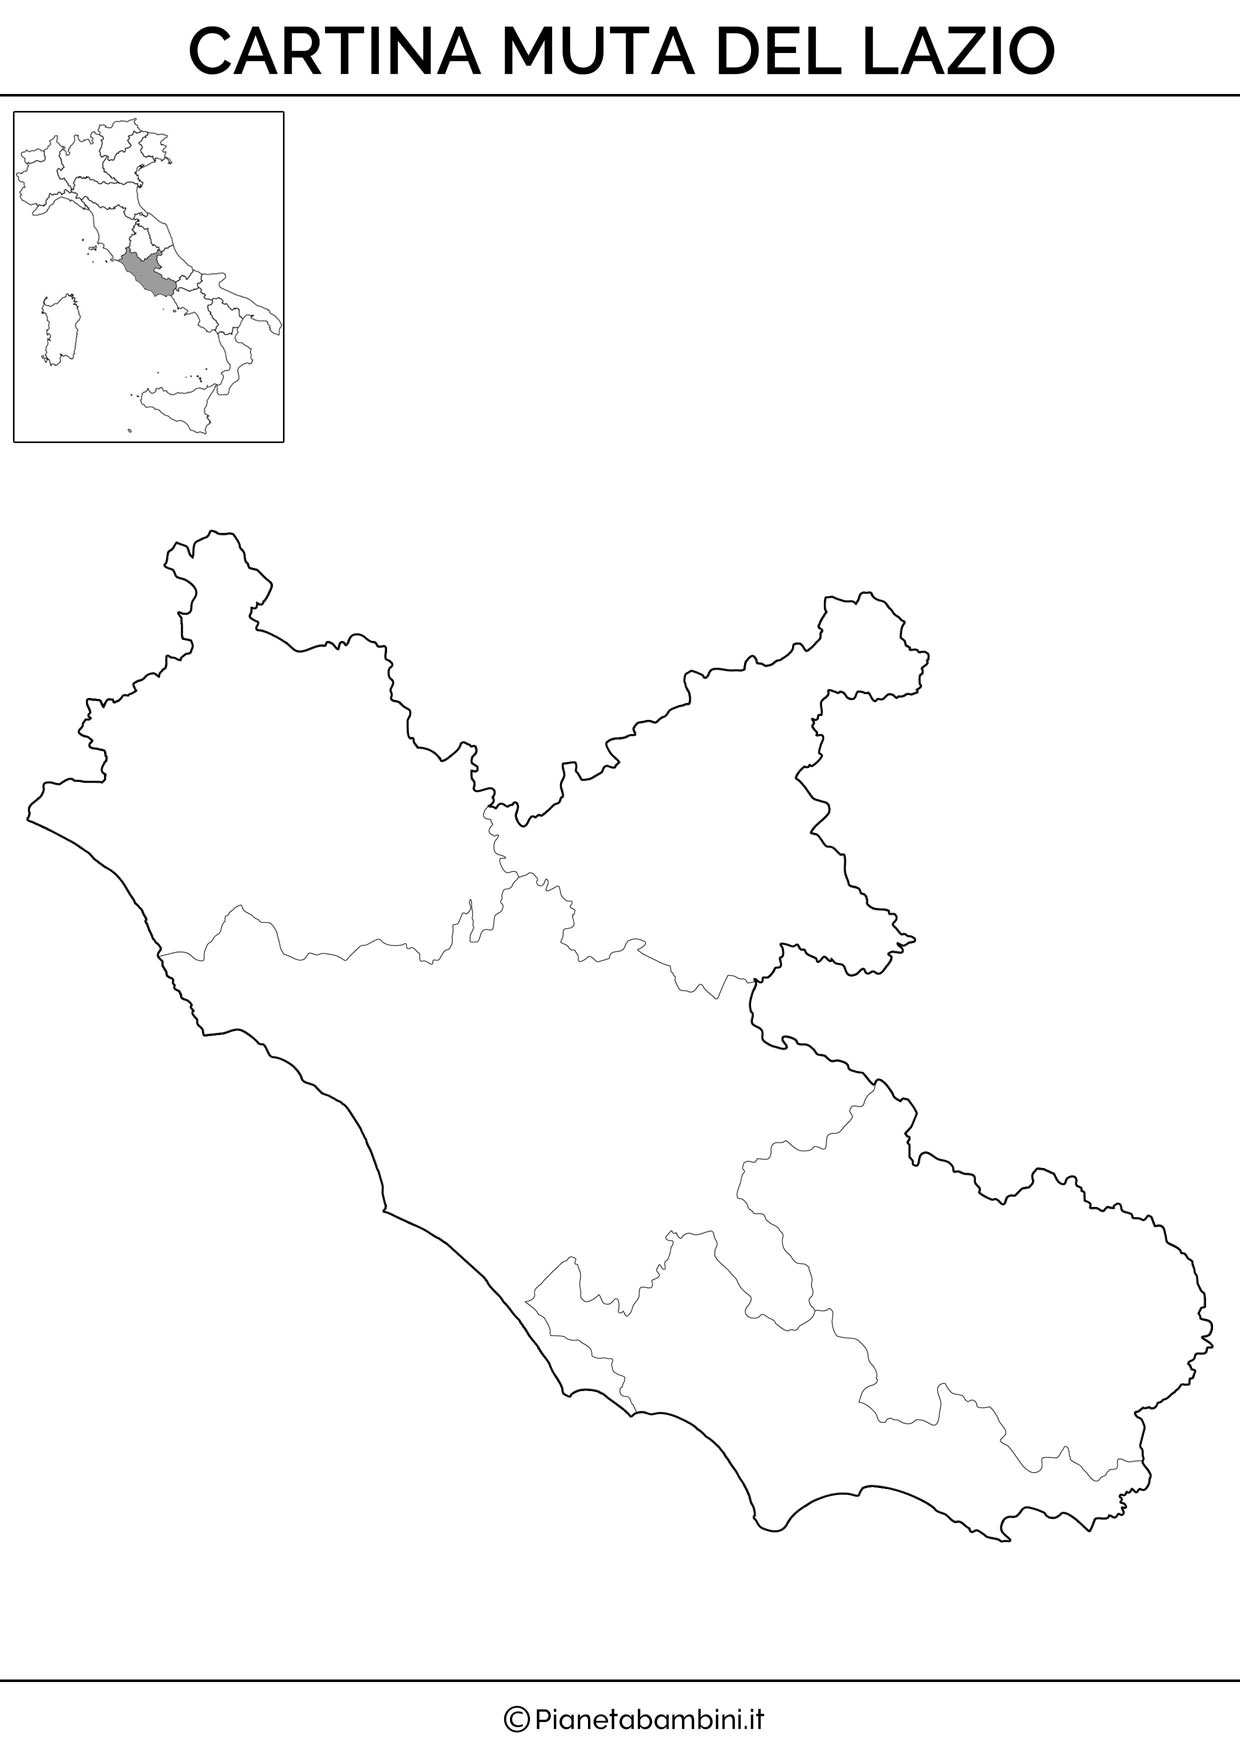 Cartina Del Lazio Da Colorare Pieterduisenberg